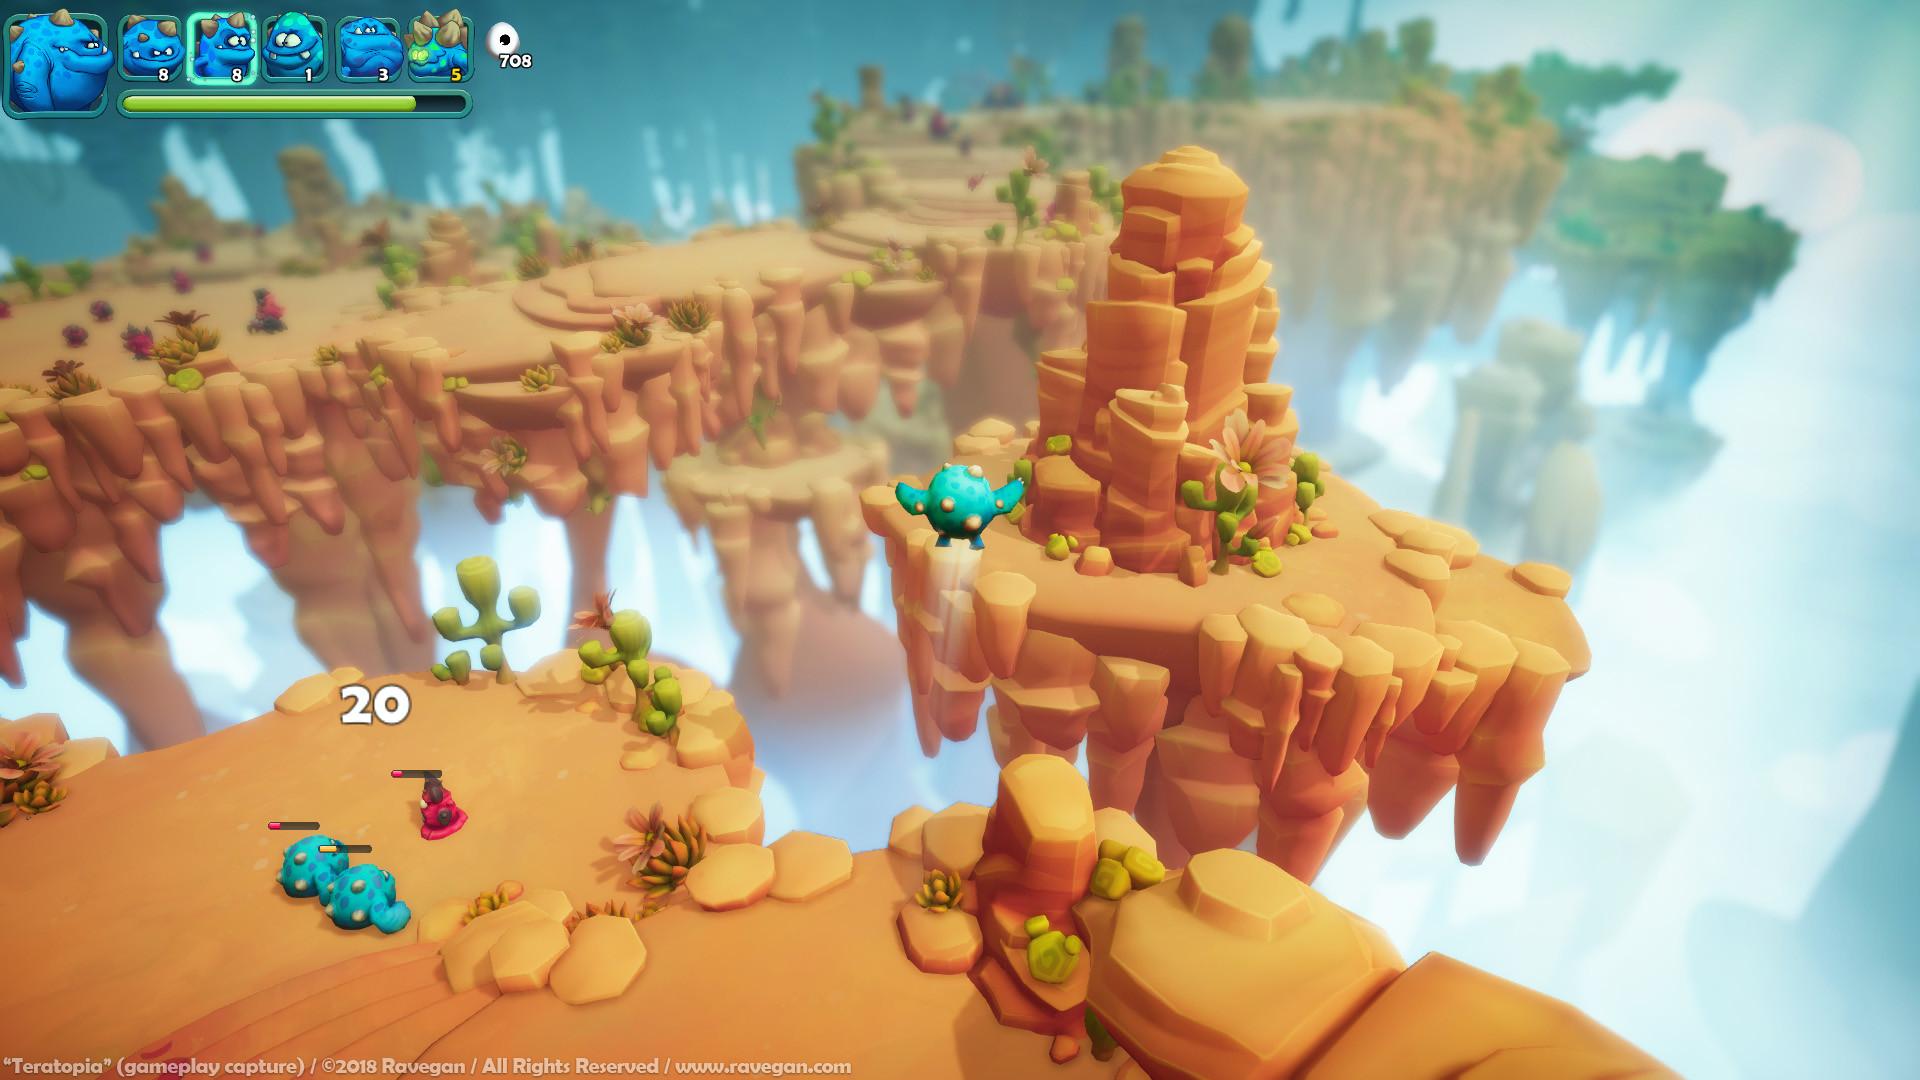 Ravegan games teratopia screenshot 001